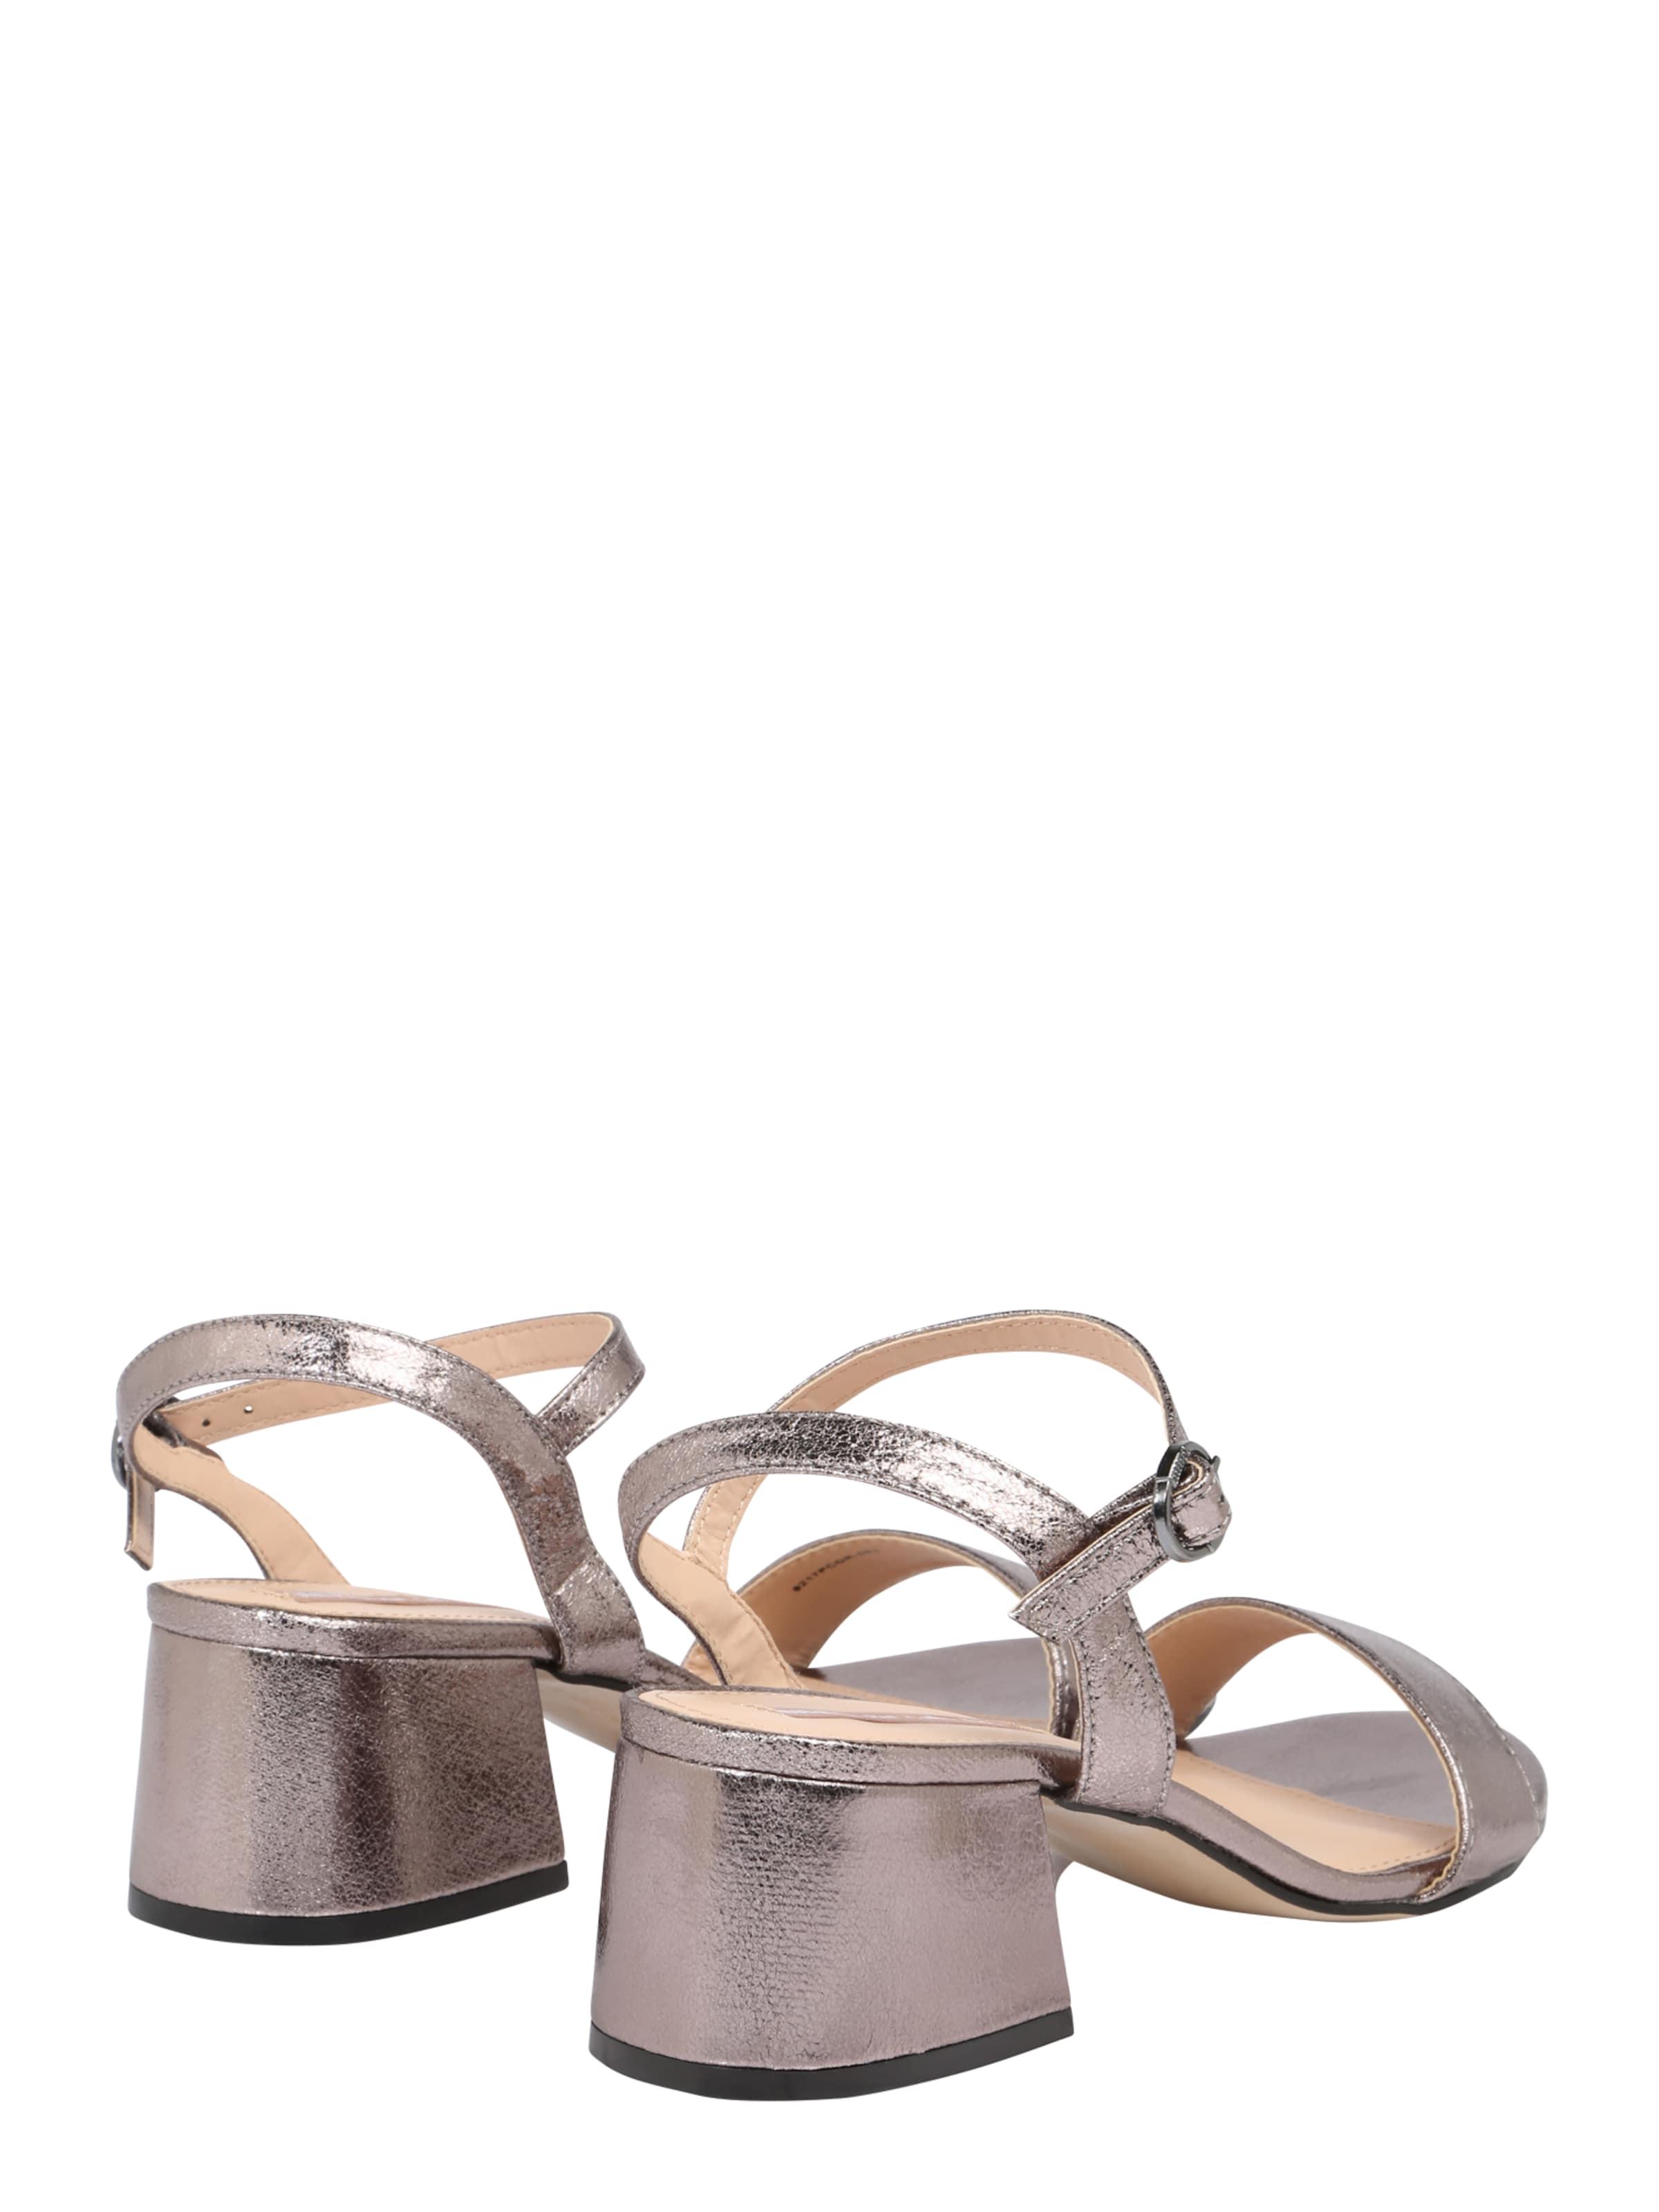 Günstig Kaufen Auslassstellen MTNG Sandalette im Metallic-Look Rabatt Eastbay Billig Verkauf Schnelle Lieferung Shop Für Günstigen Preis tn1pqkK